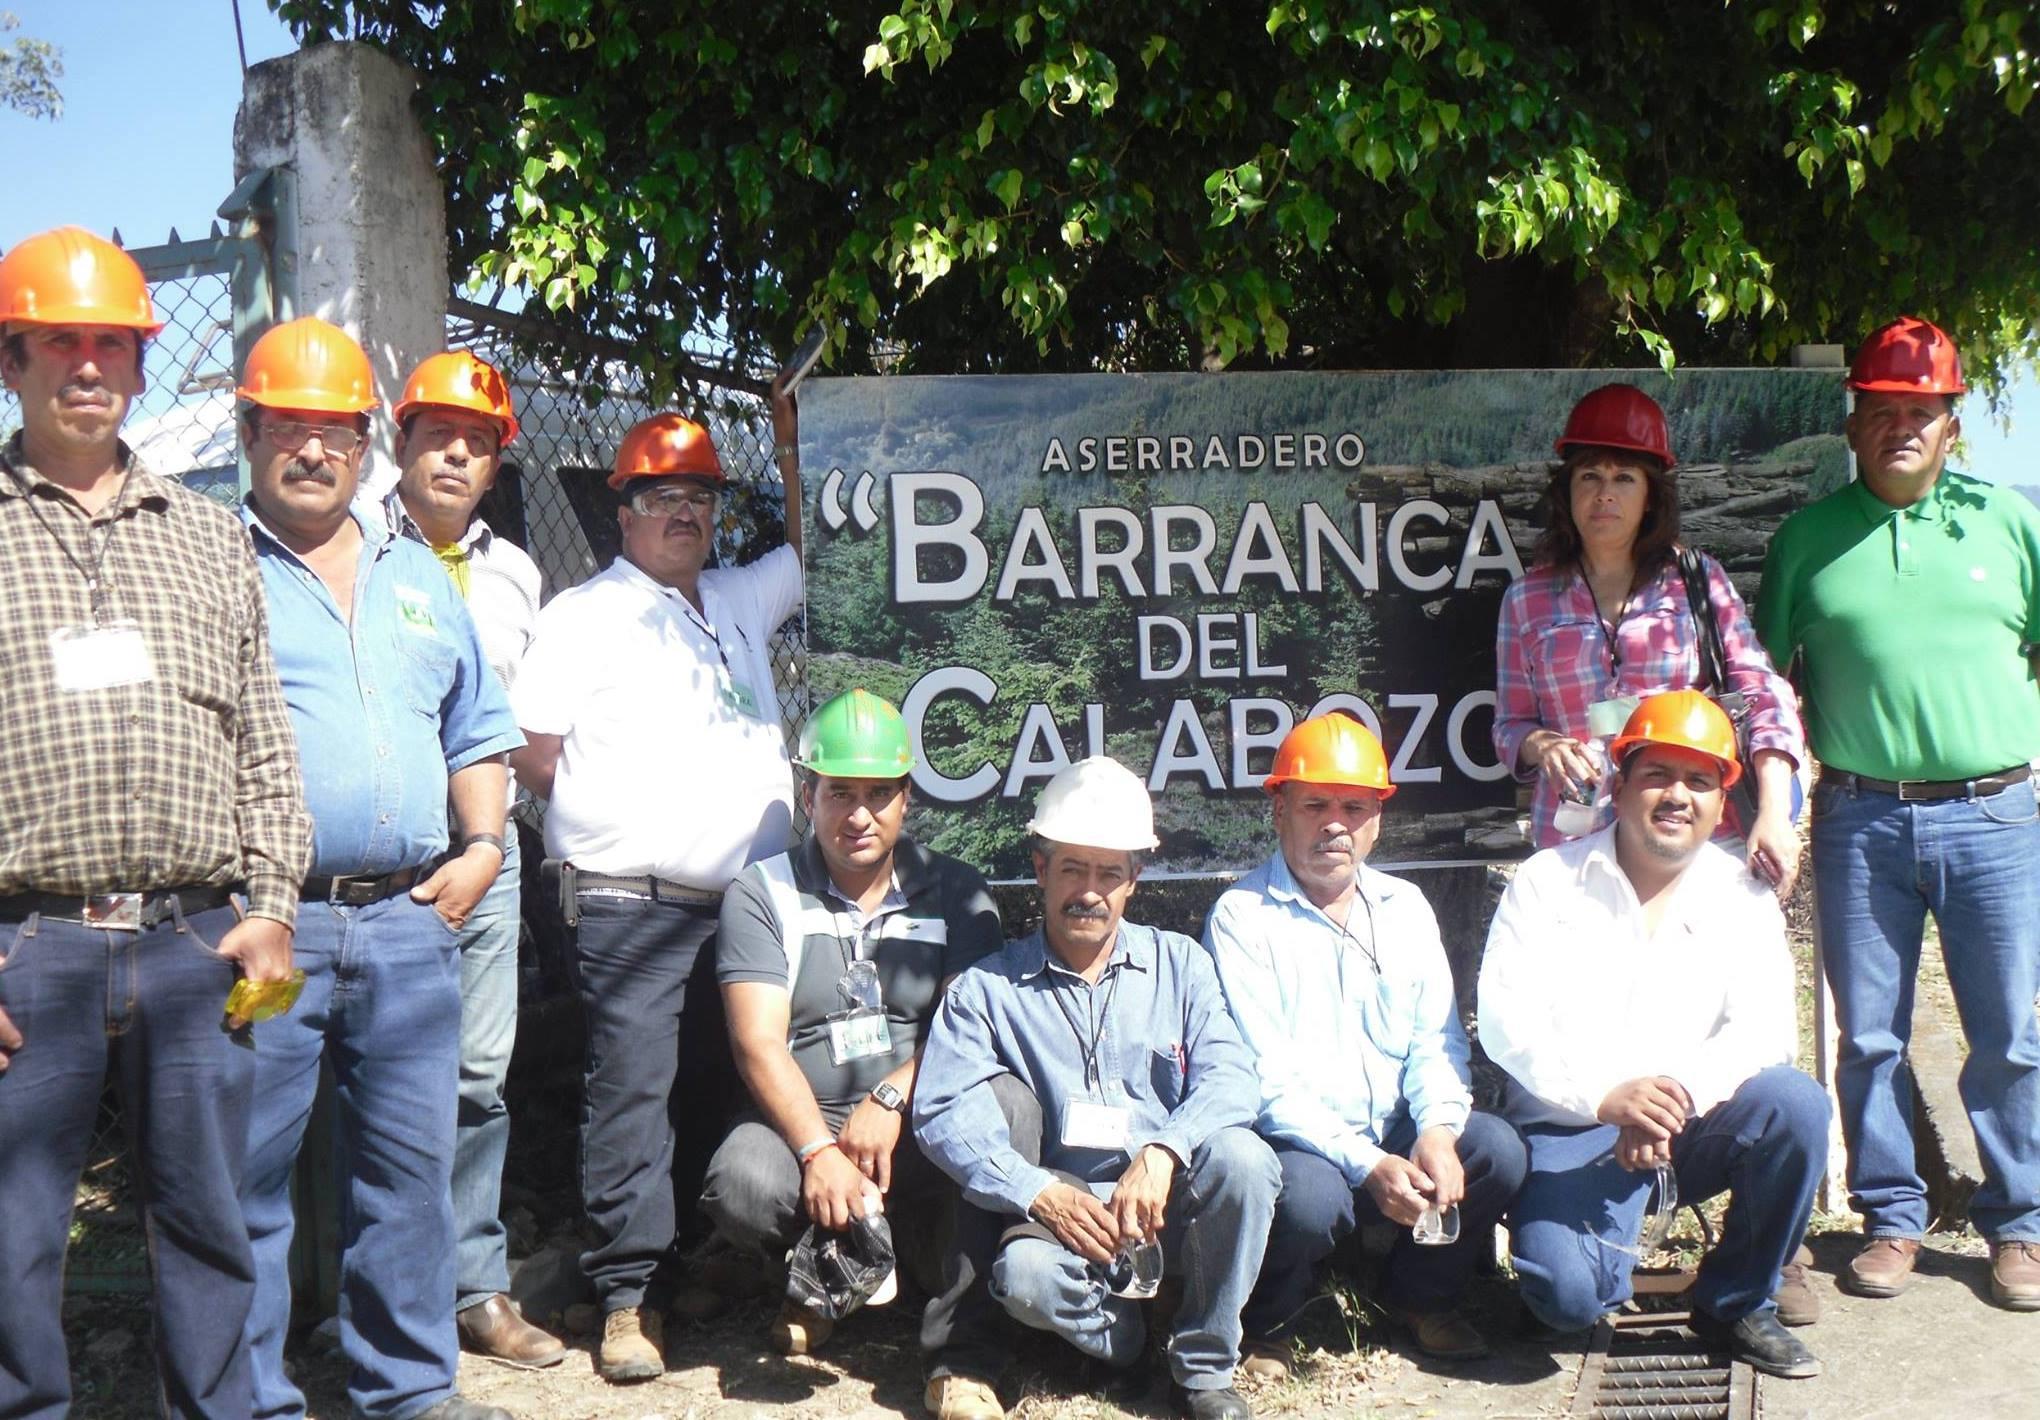 Barranca del Calabozo, Jalisco